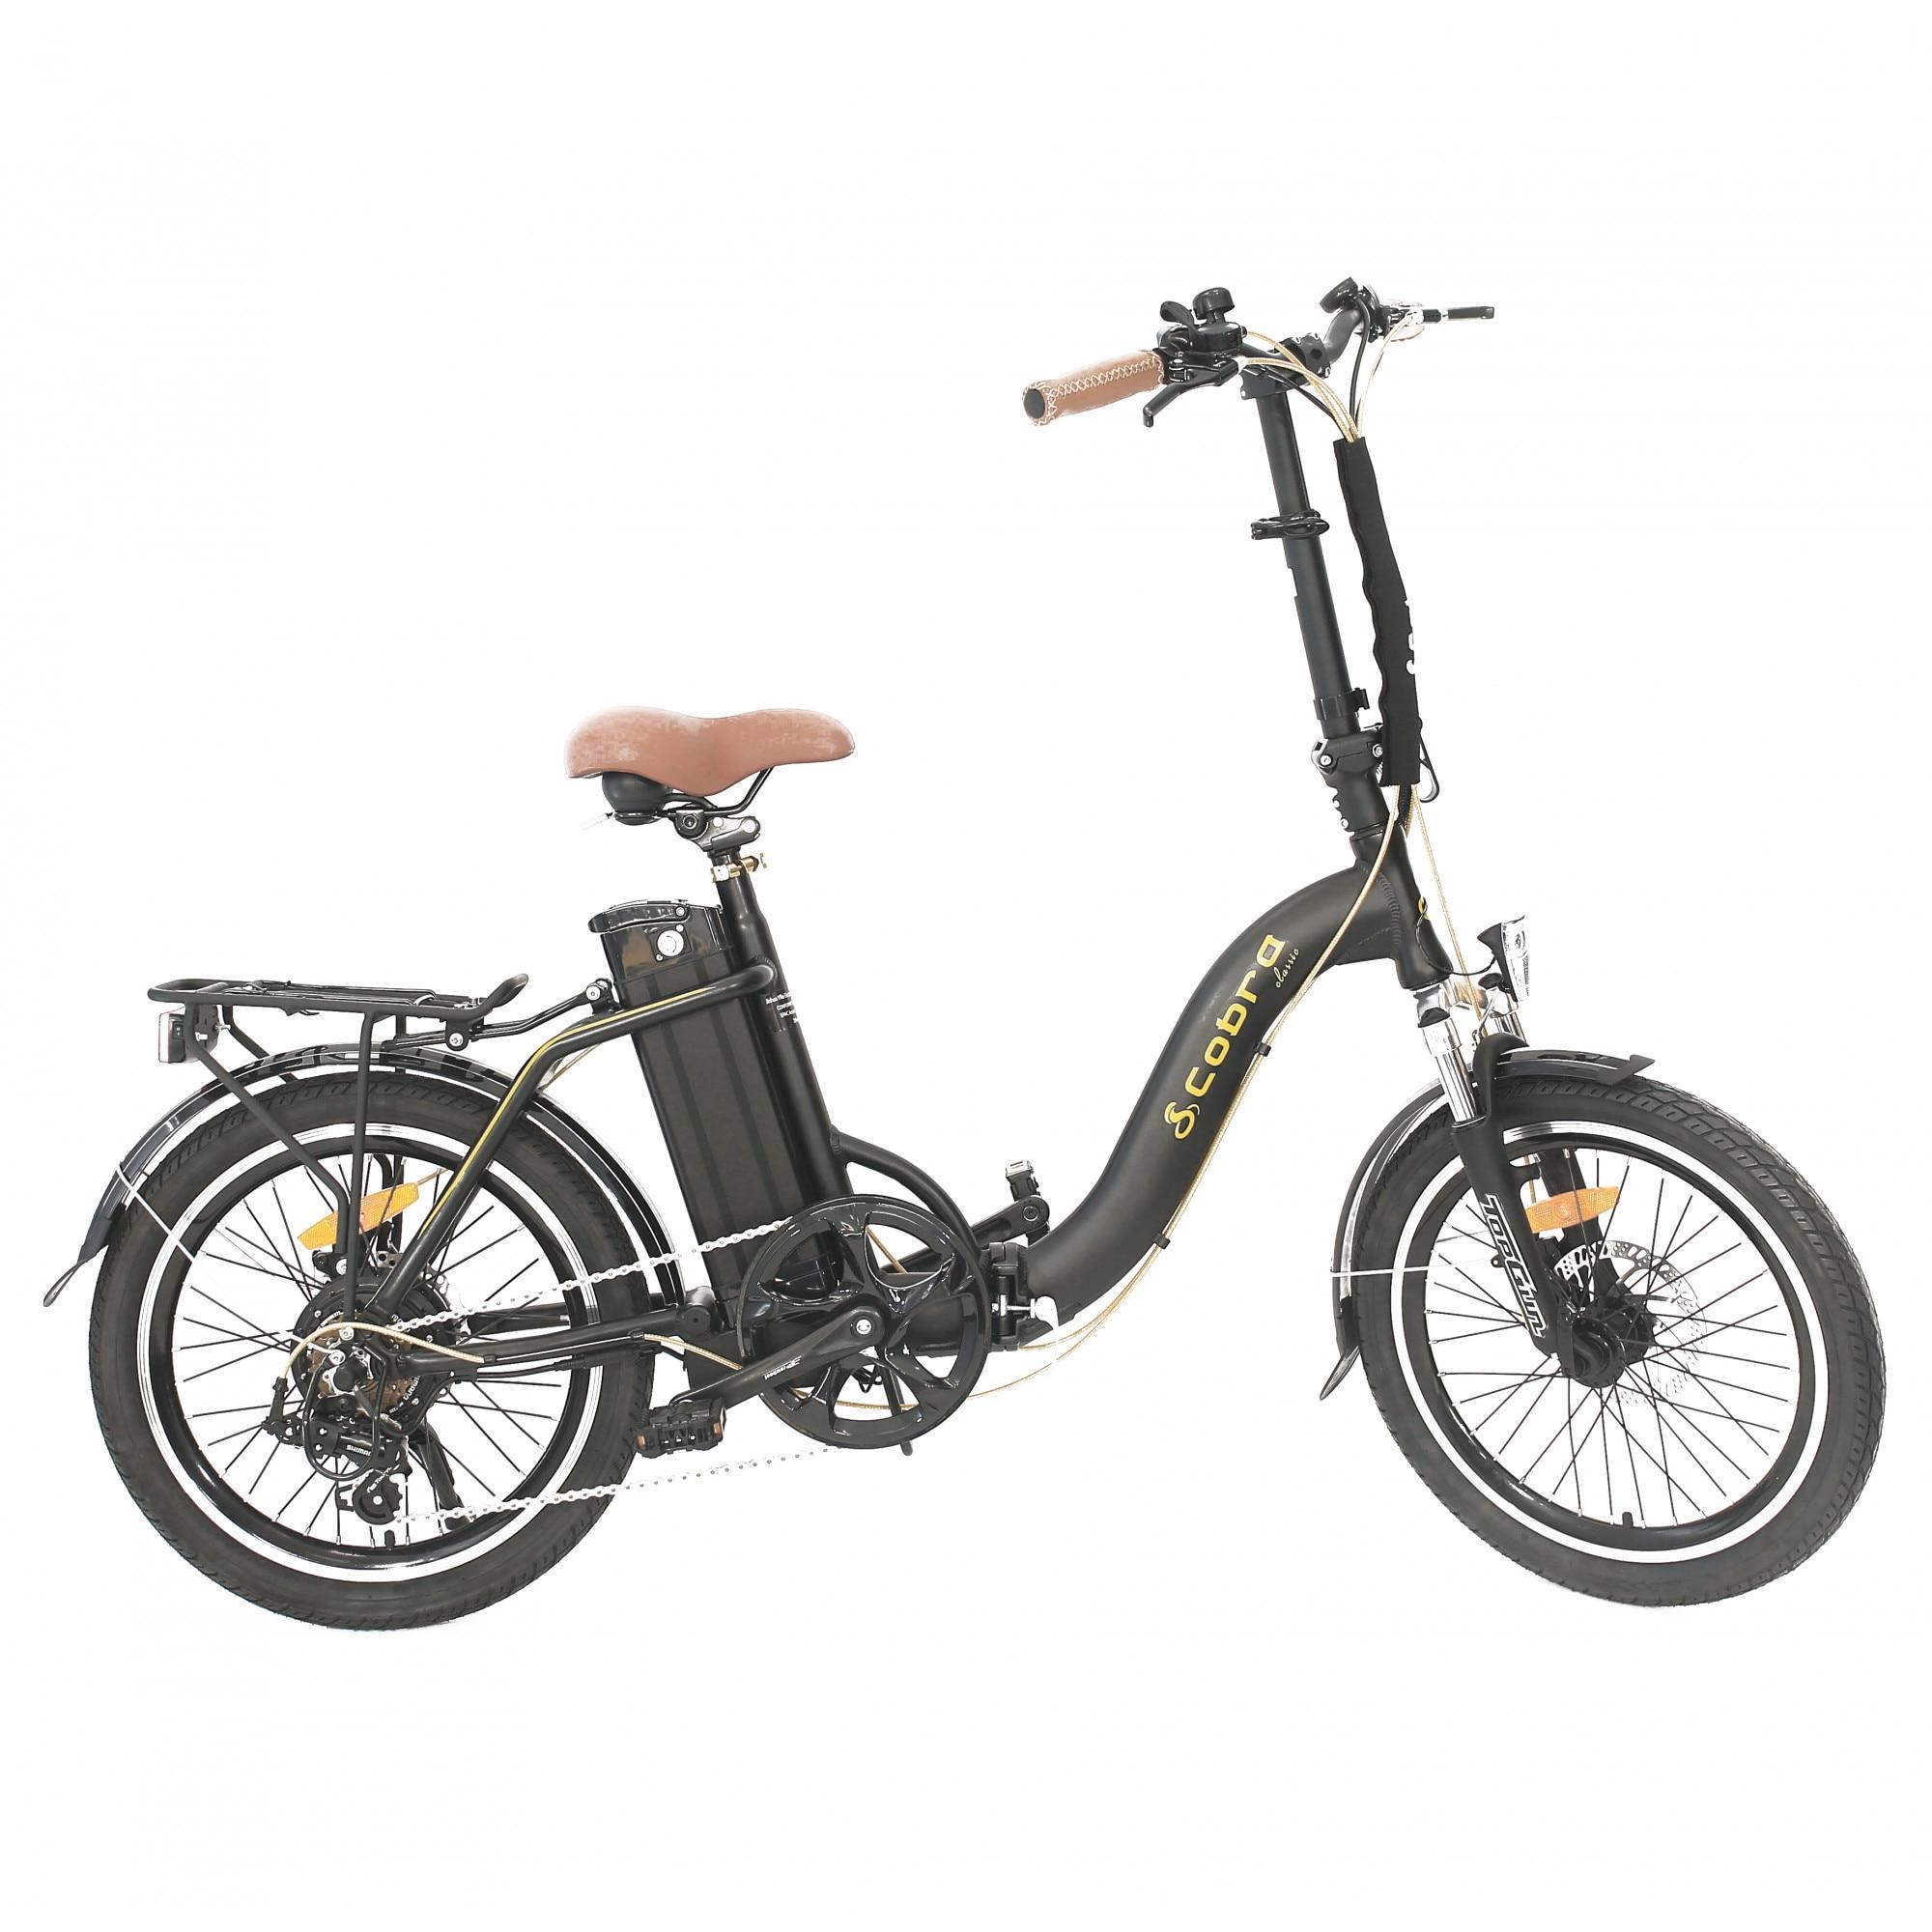 Biciclete - Anunturi gratuite - bicicleta electrica